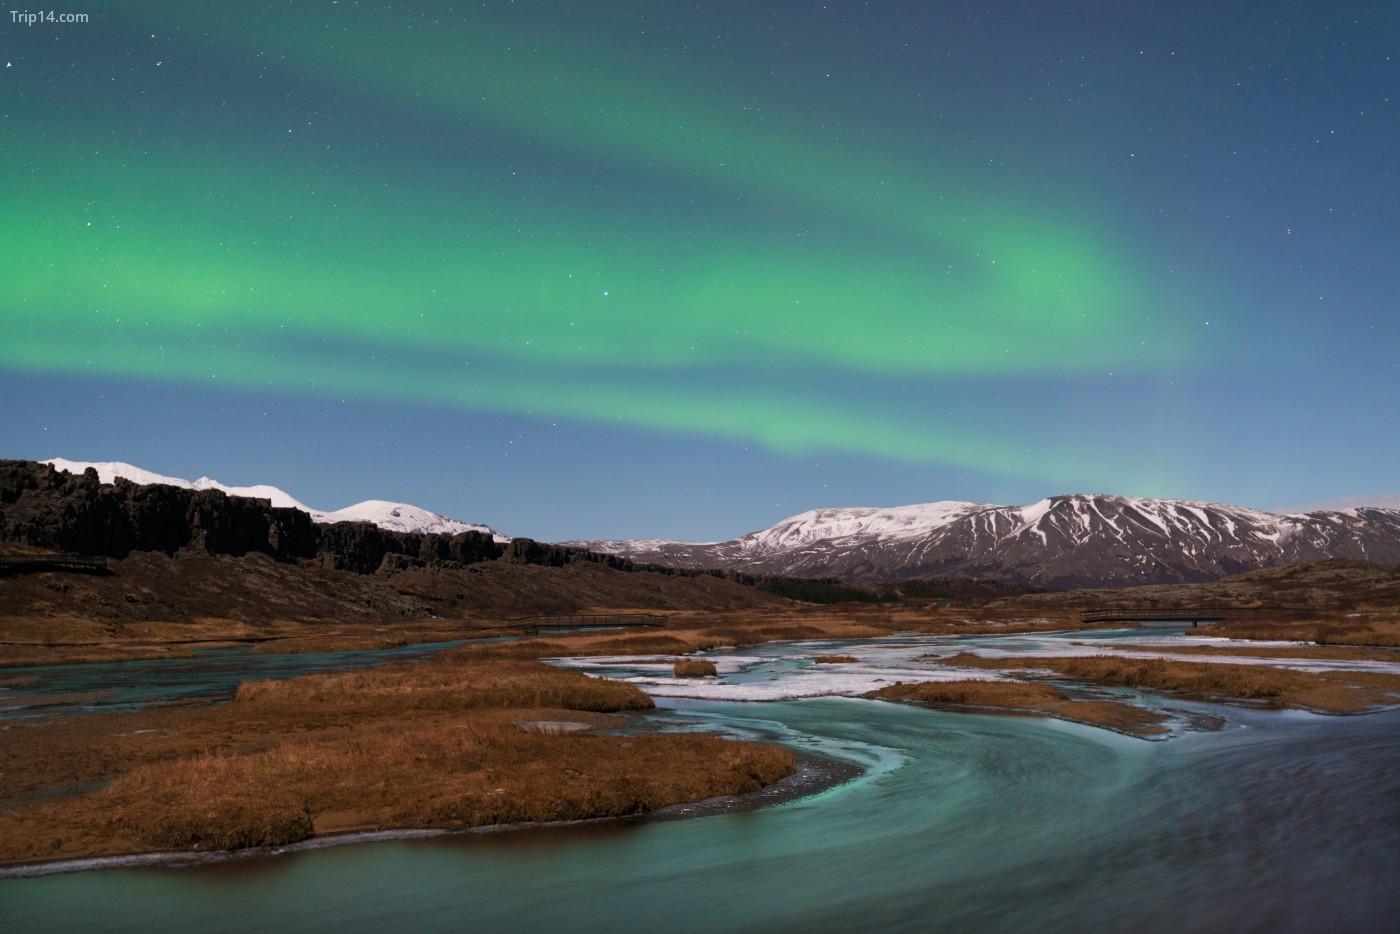 Ghé thăm Iceland để có cơ hội xem một buổi trình diễn ánh sáng do Mẹ thiên nhiên sản xuất, được biết đến với cái tên Ánh sáng phương Bắc | © Adam Burton / Alamy Kho ảnh